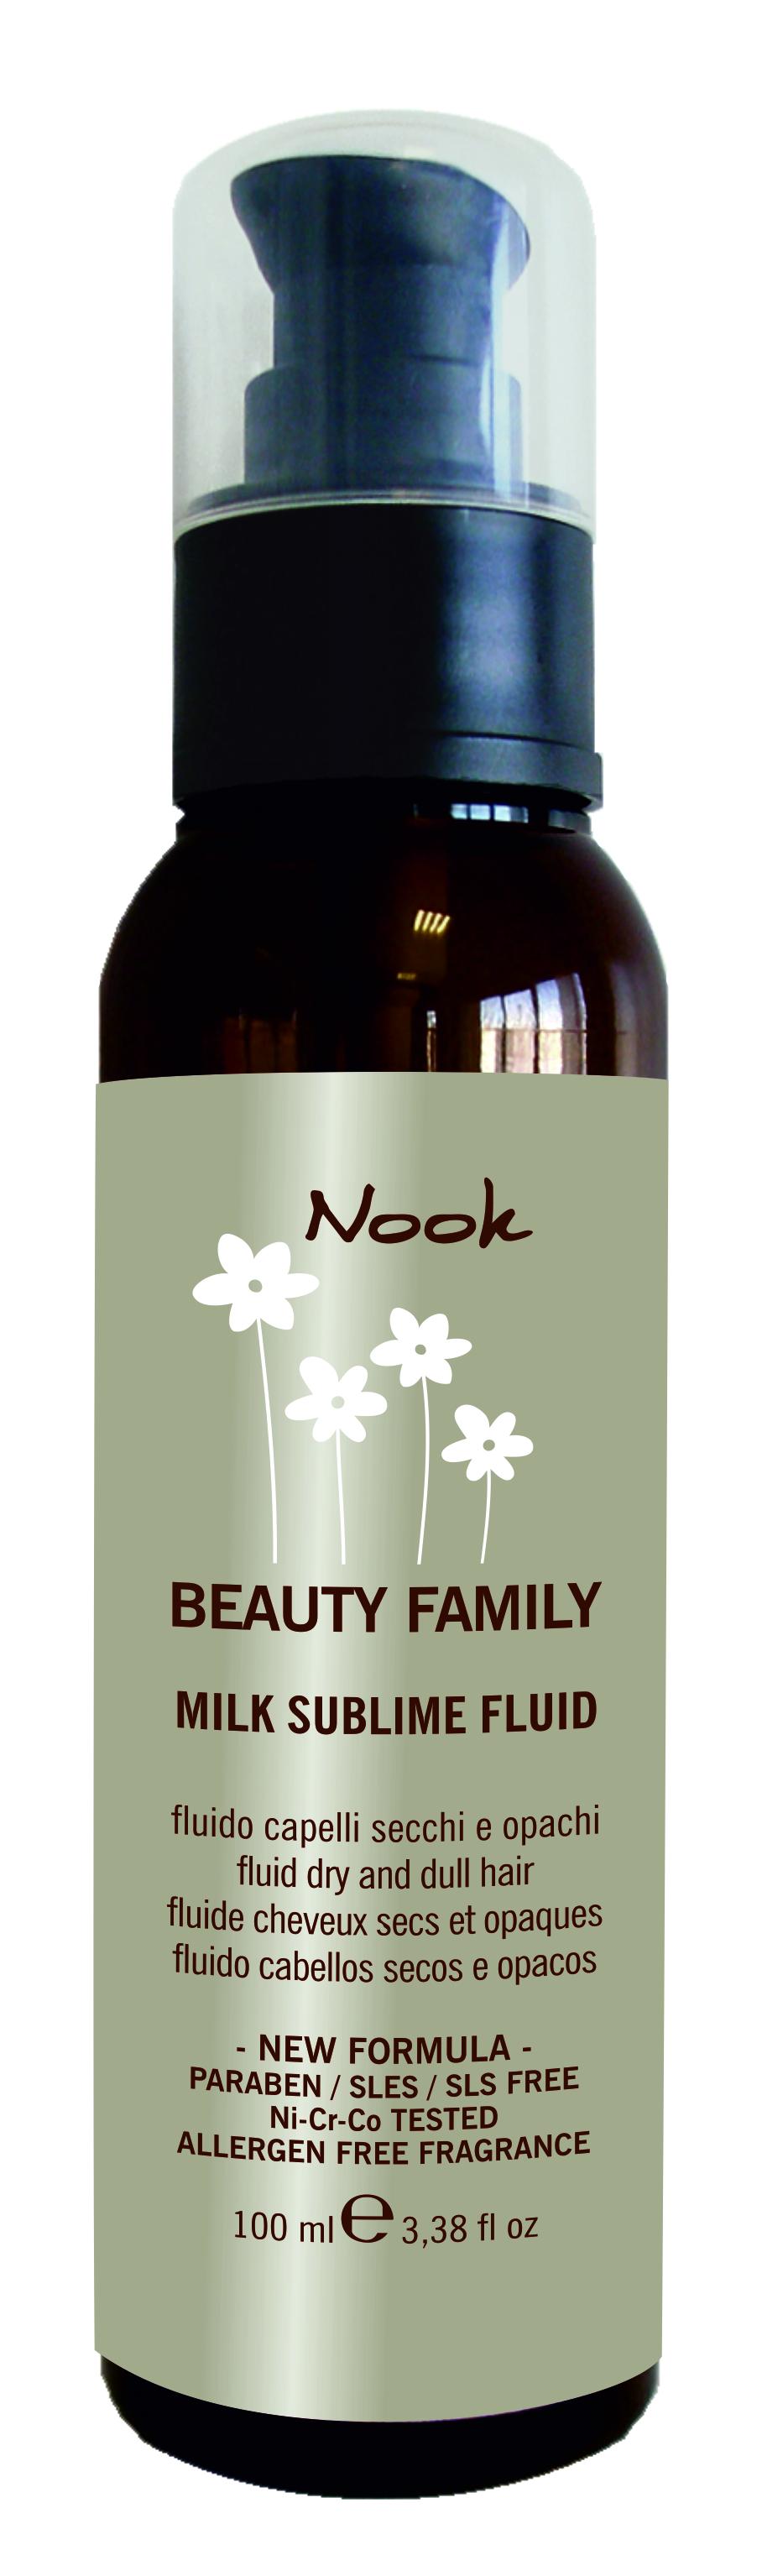 NOOK Флюид для поврежденных волос Ph 7,2 / Milk Sublime Fluid BEAUTY FAMILY 50 мл